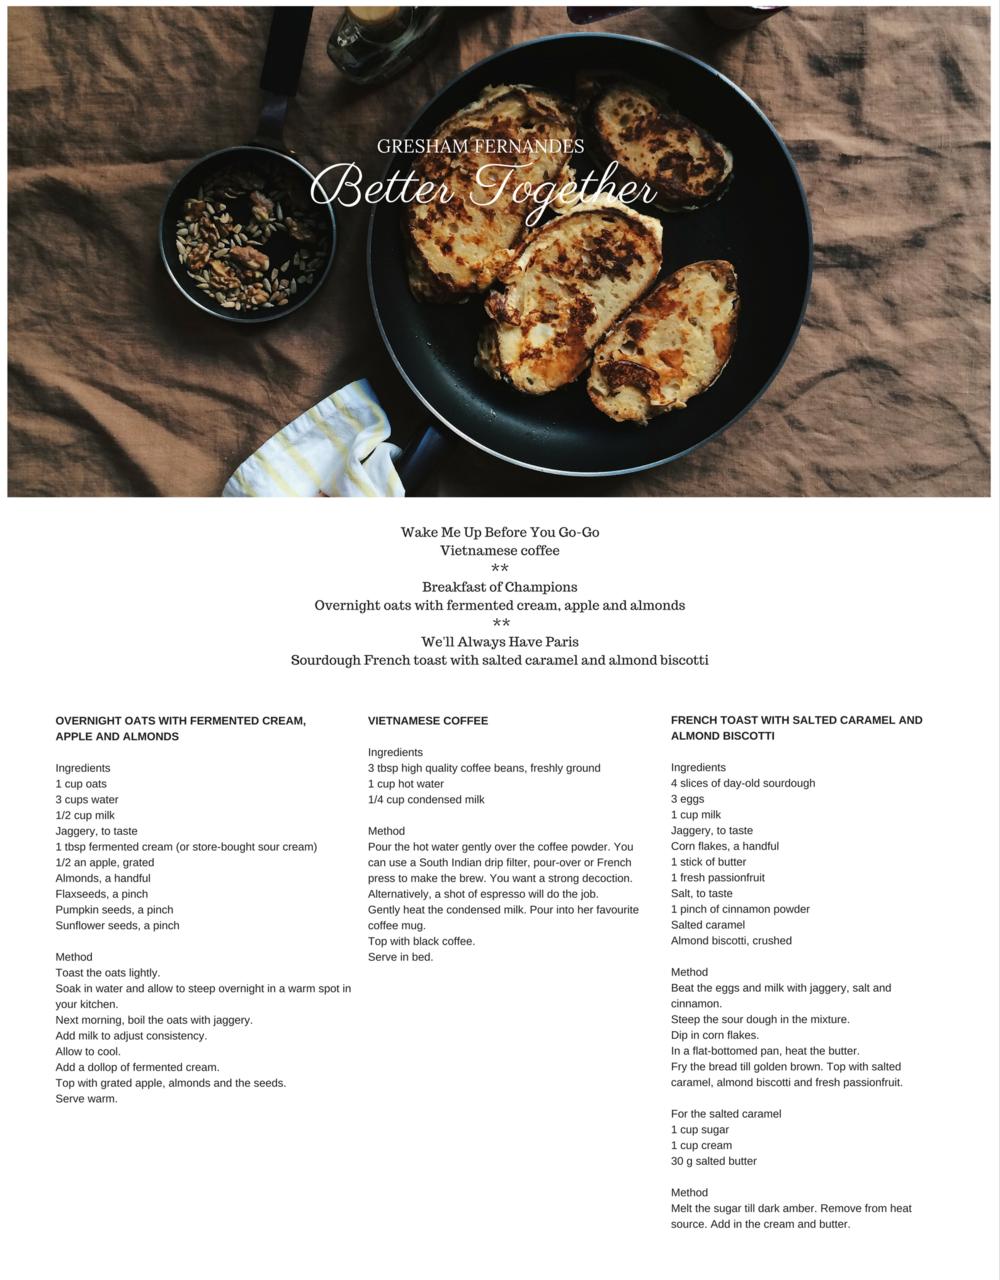 Valentine's Day menu by Gresham Fernandes